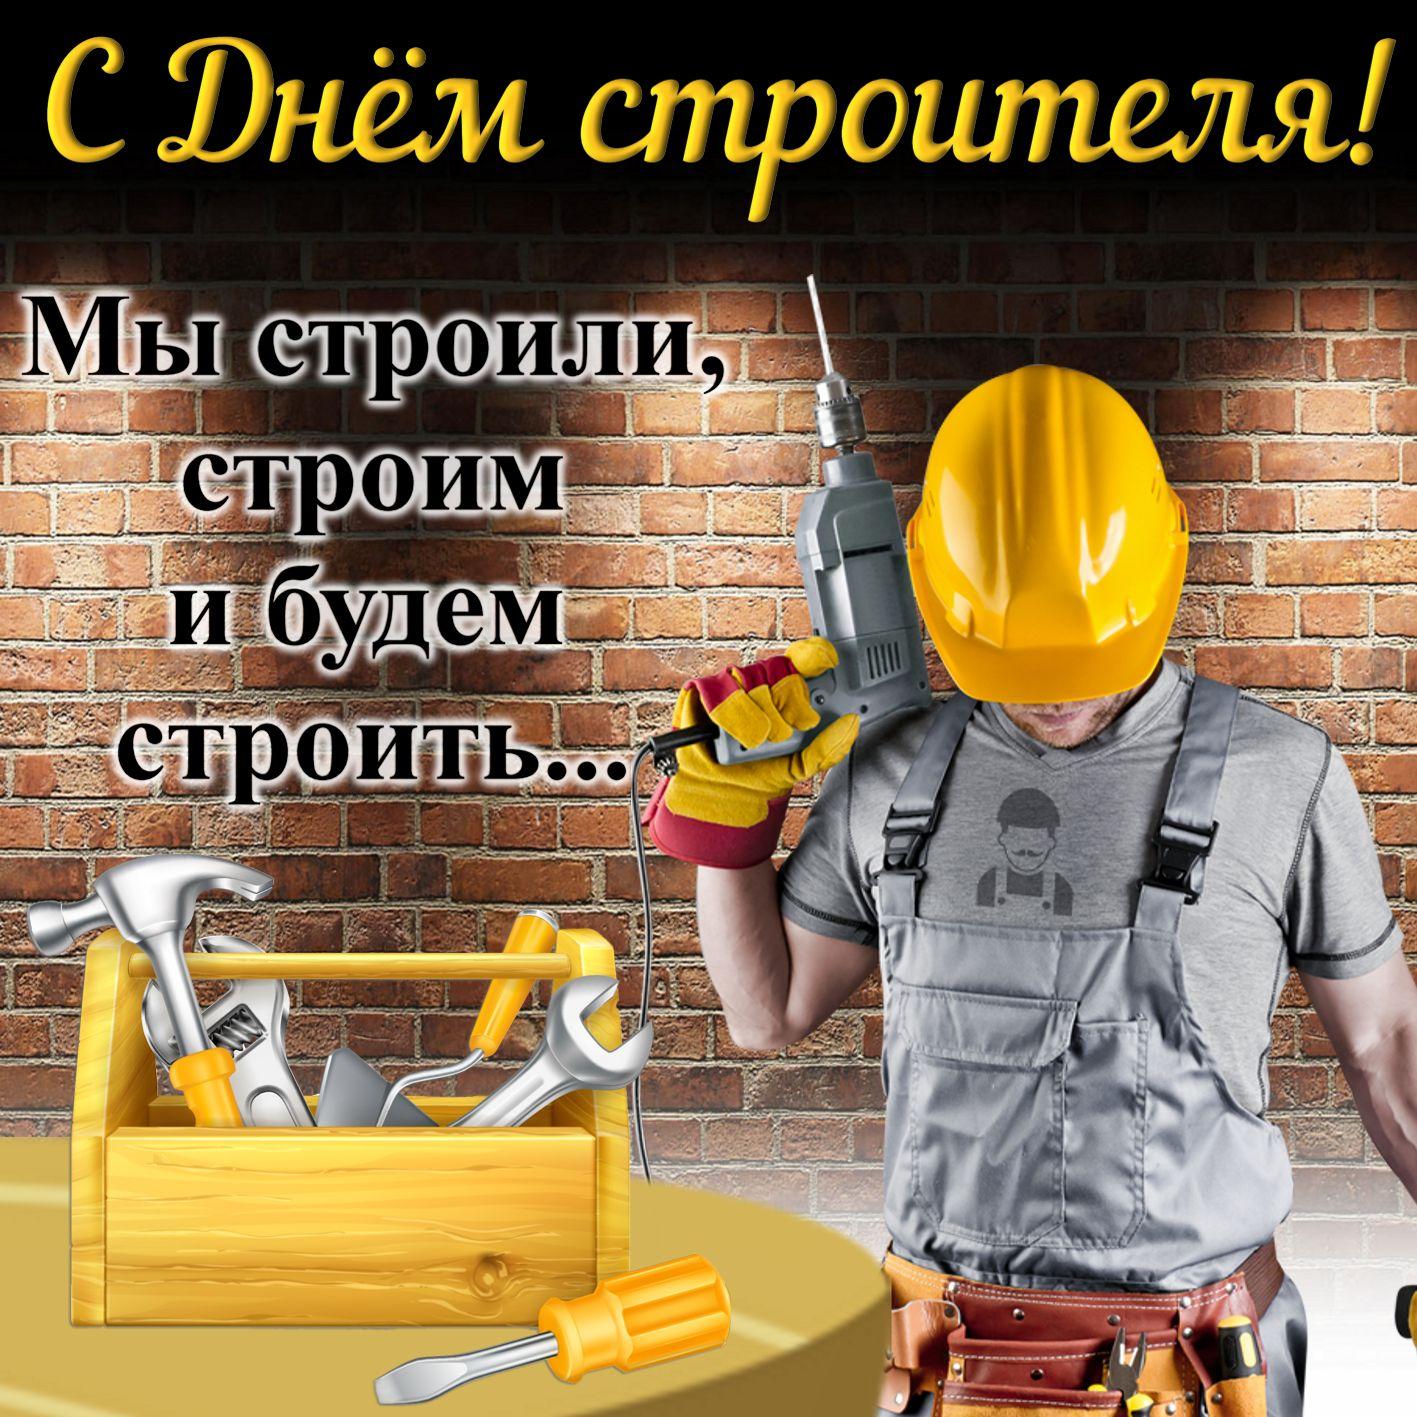 поздравления с матом с днем строителя отряд мчс очищает